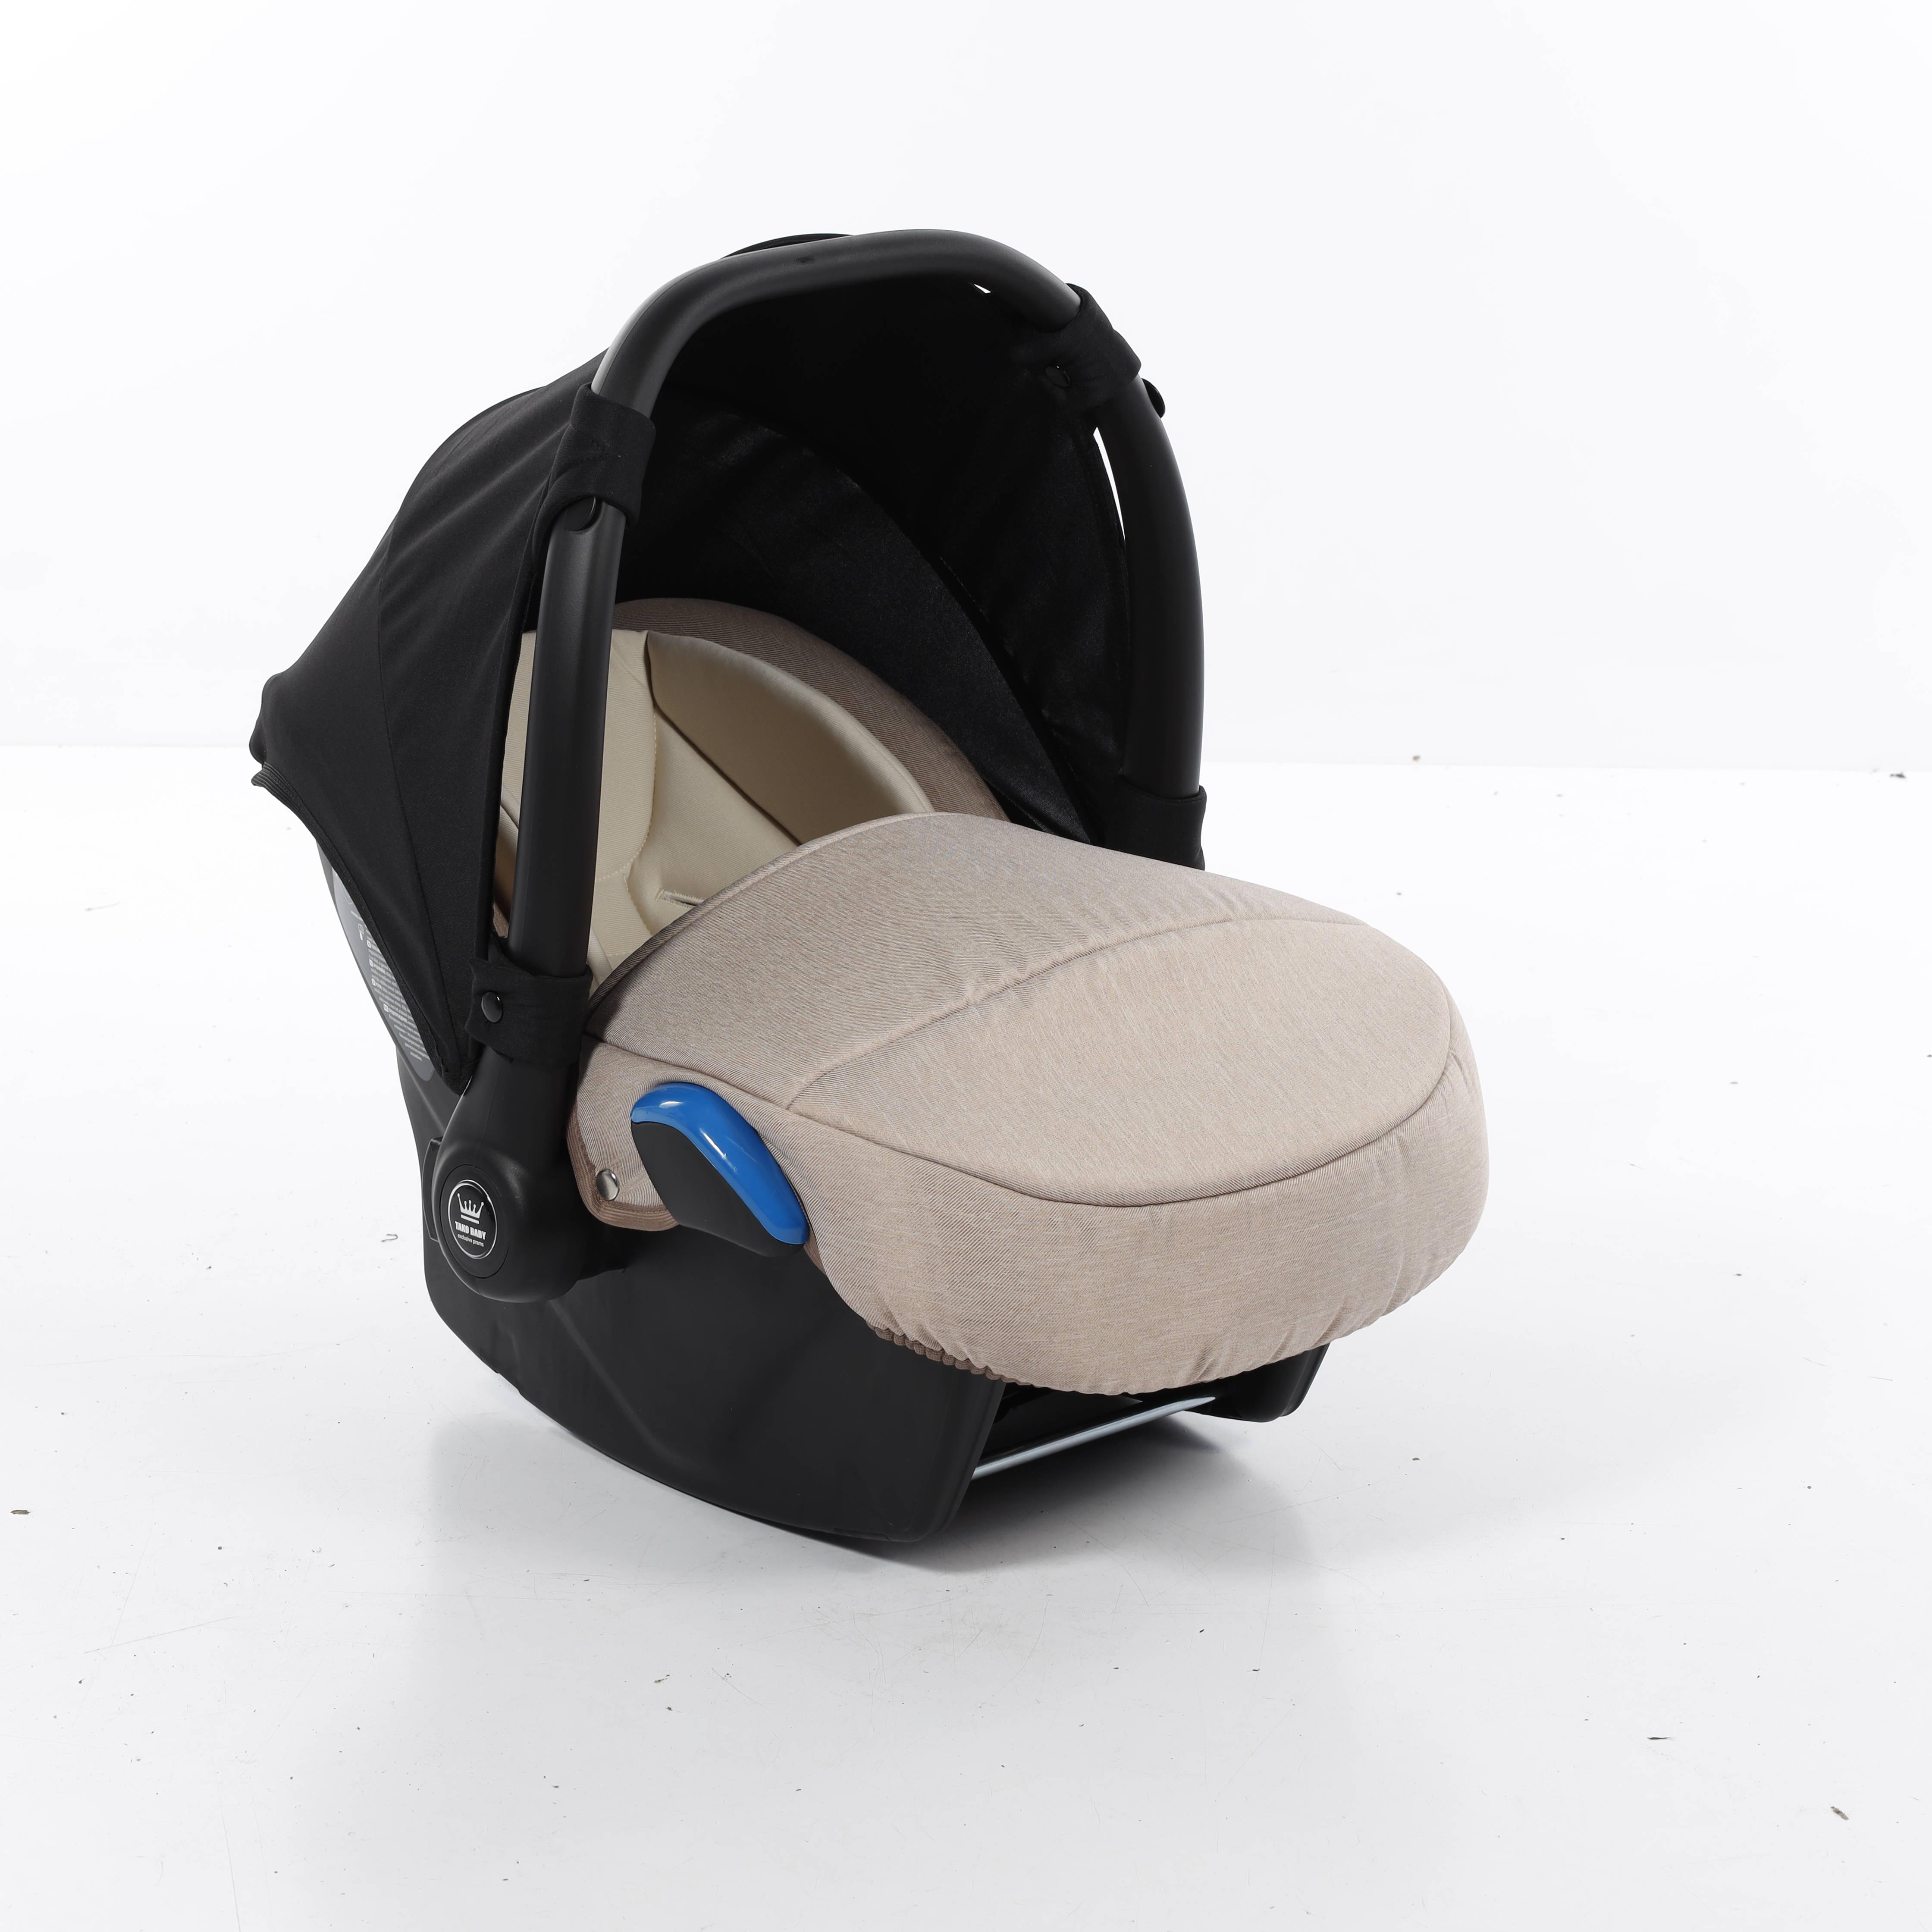 fotelik Corona Lite wózek wielofunkcyjny 3w1